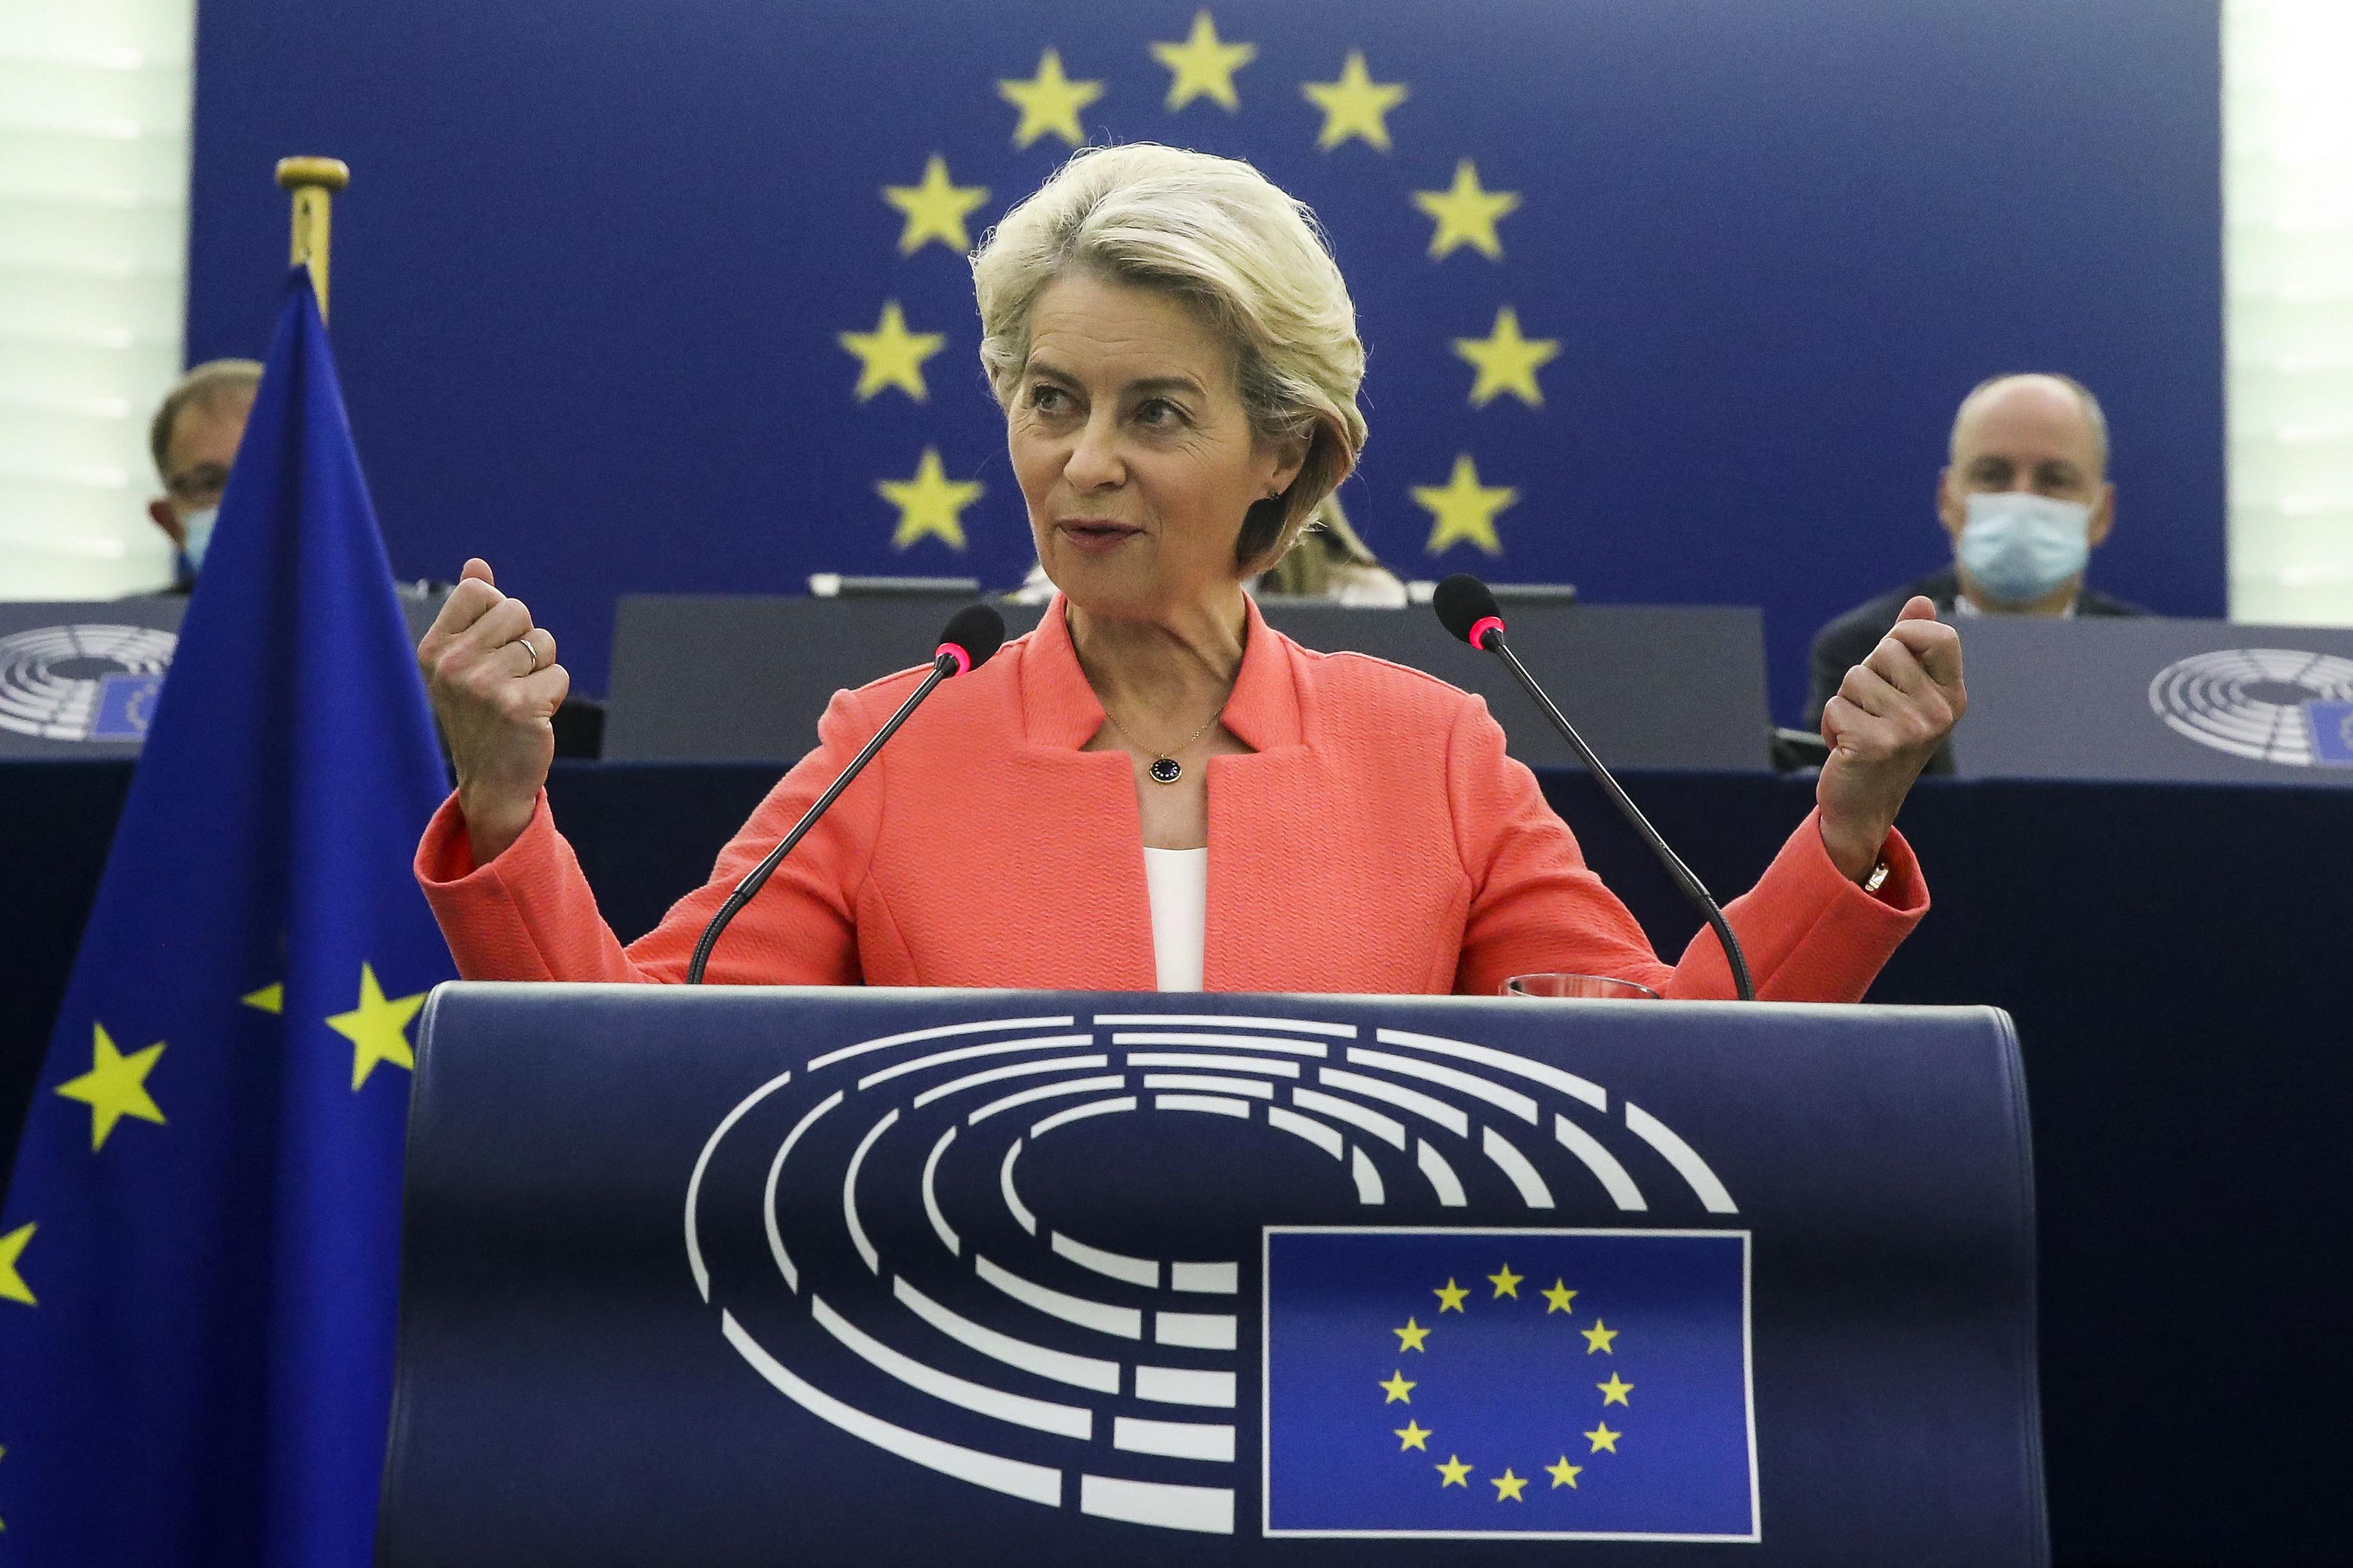 Von der Leyen évértékelője: Tenni kell azért, hogy az EU-s költségvetésből minden centet a jogállami elveket figyelembe véve költsenek el